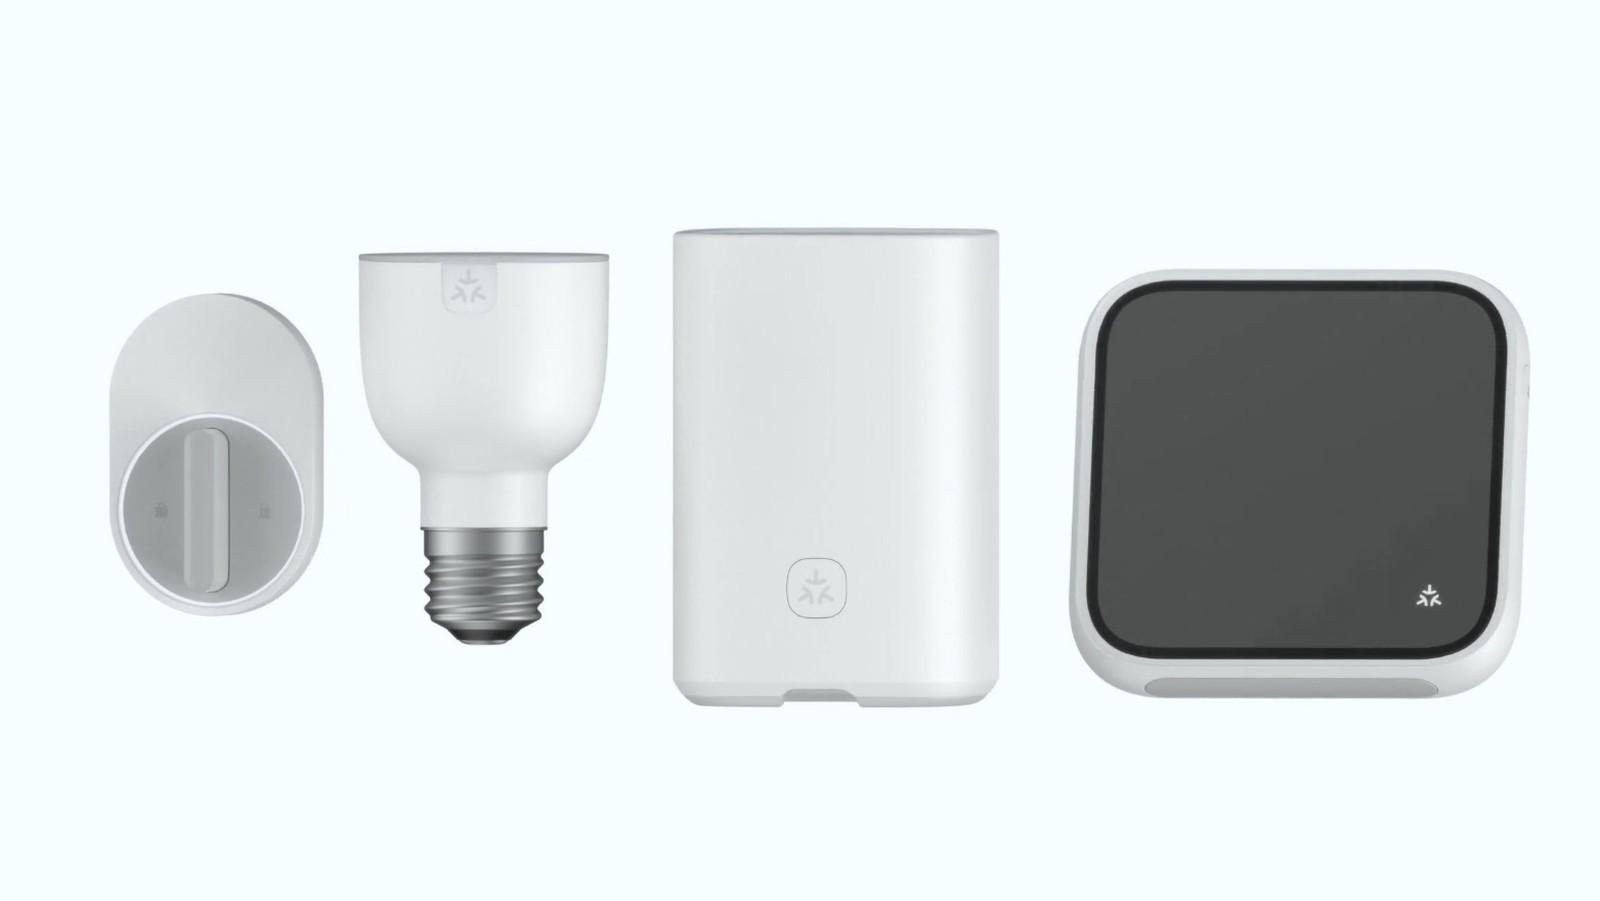 Matter smart home producten met logo